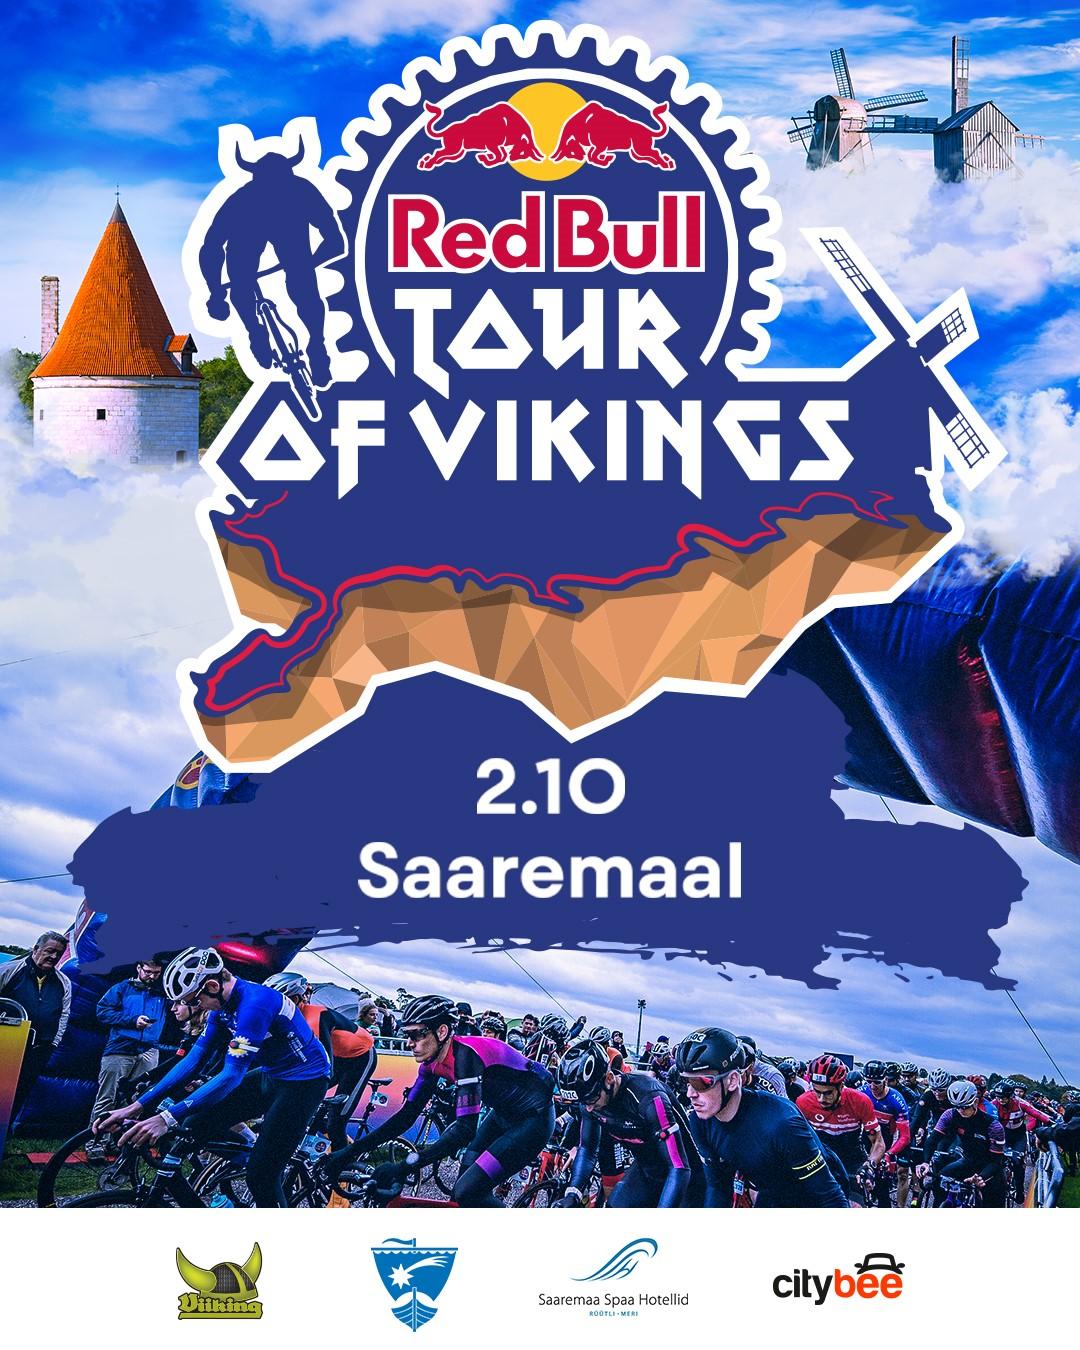 RedBull Tour of Vikings